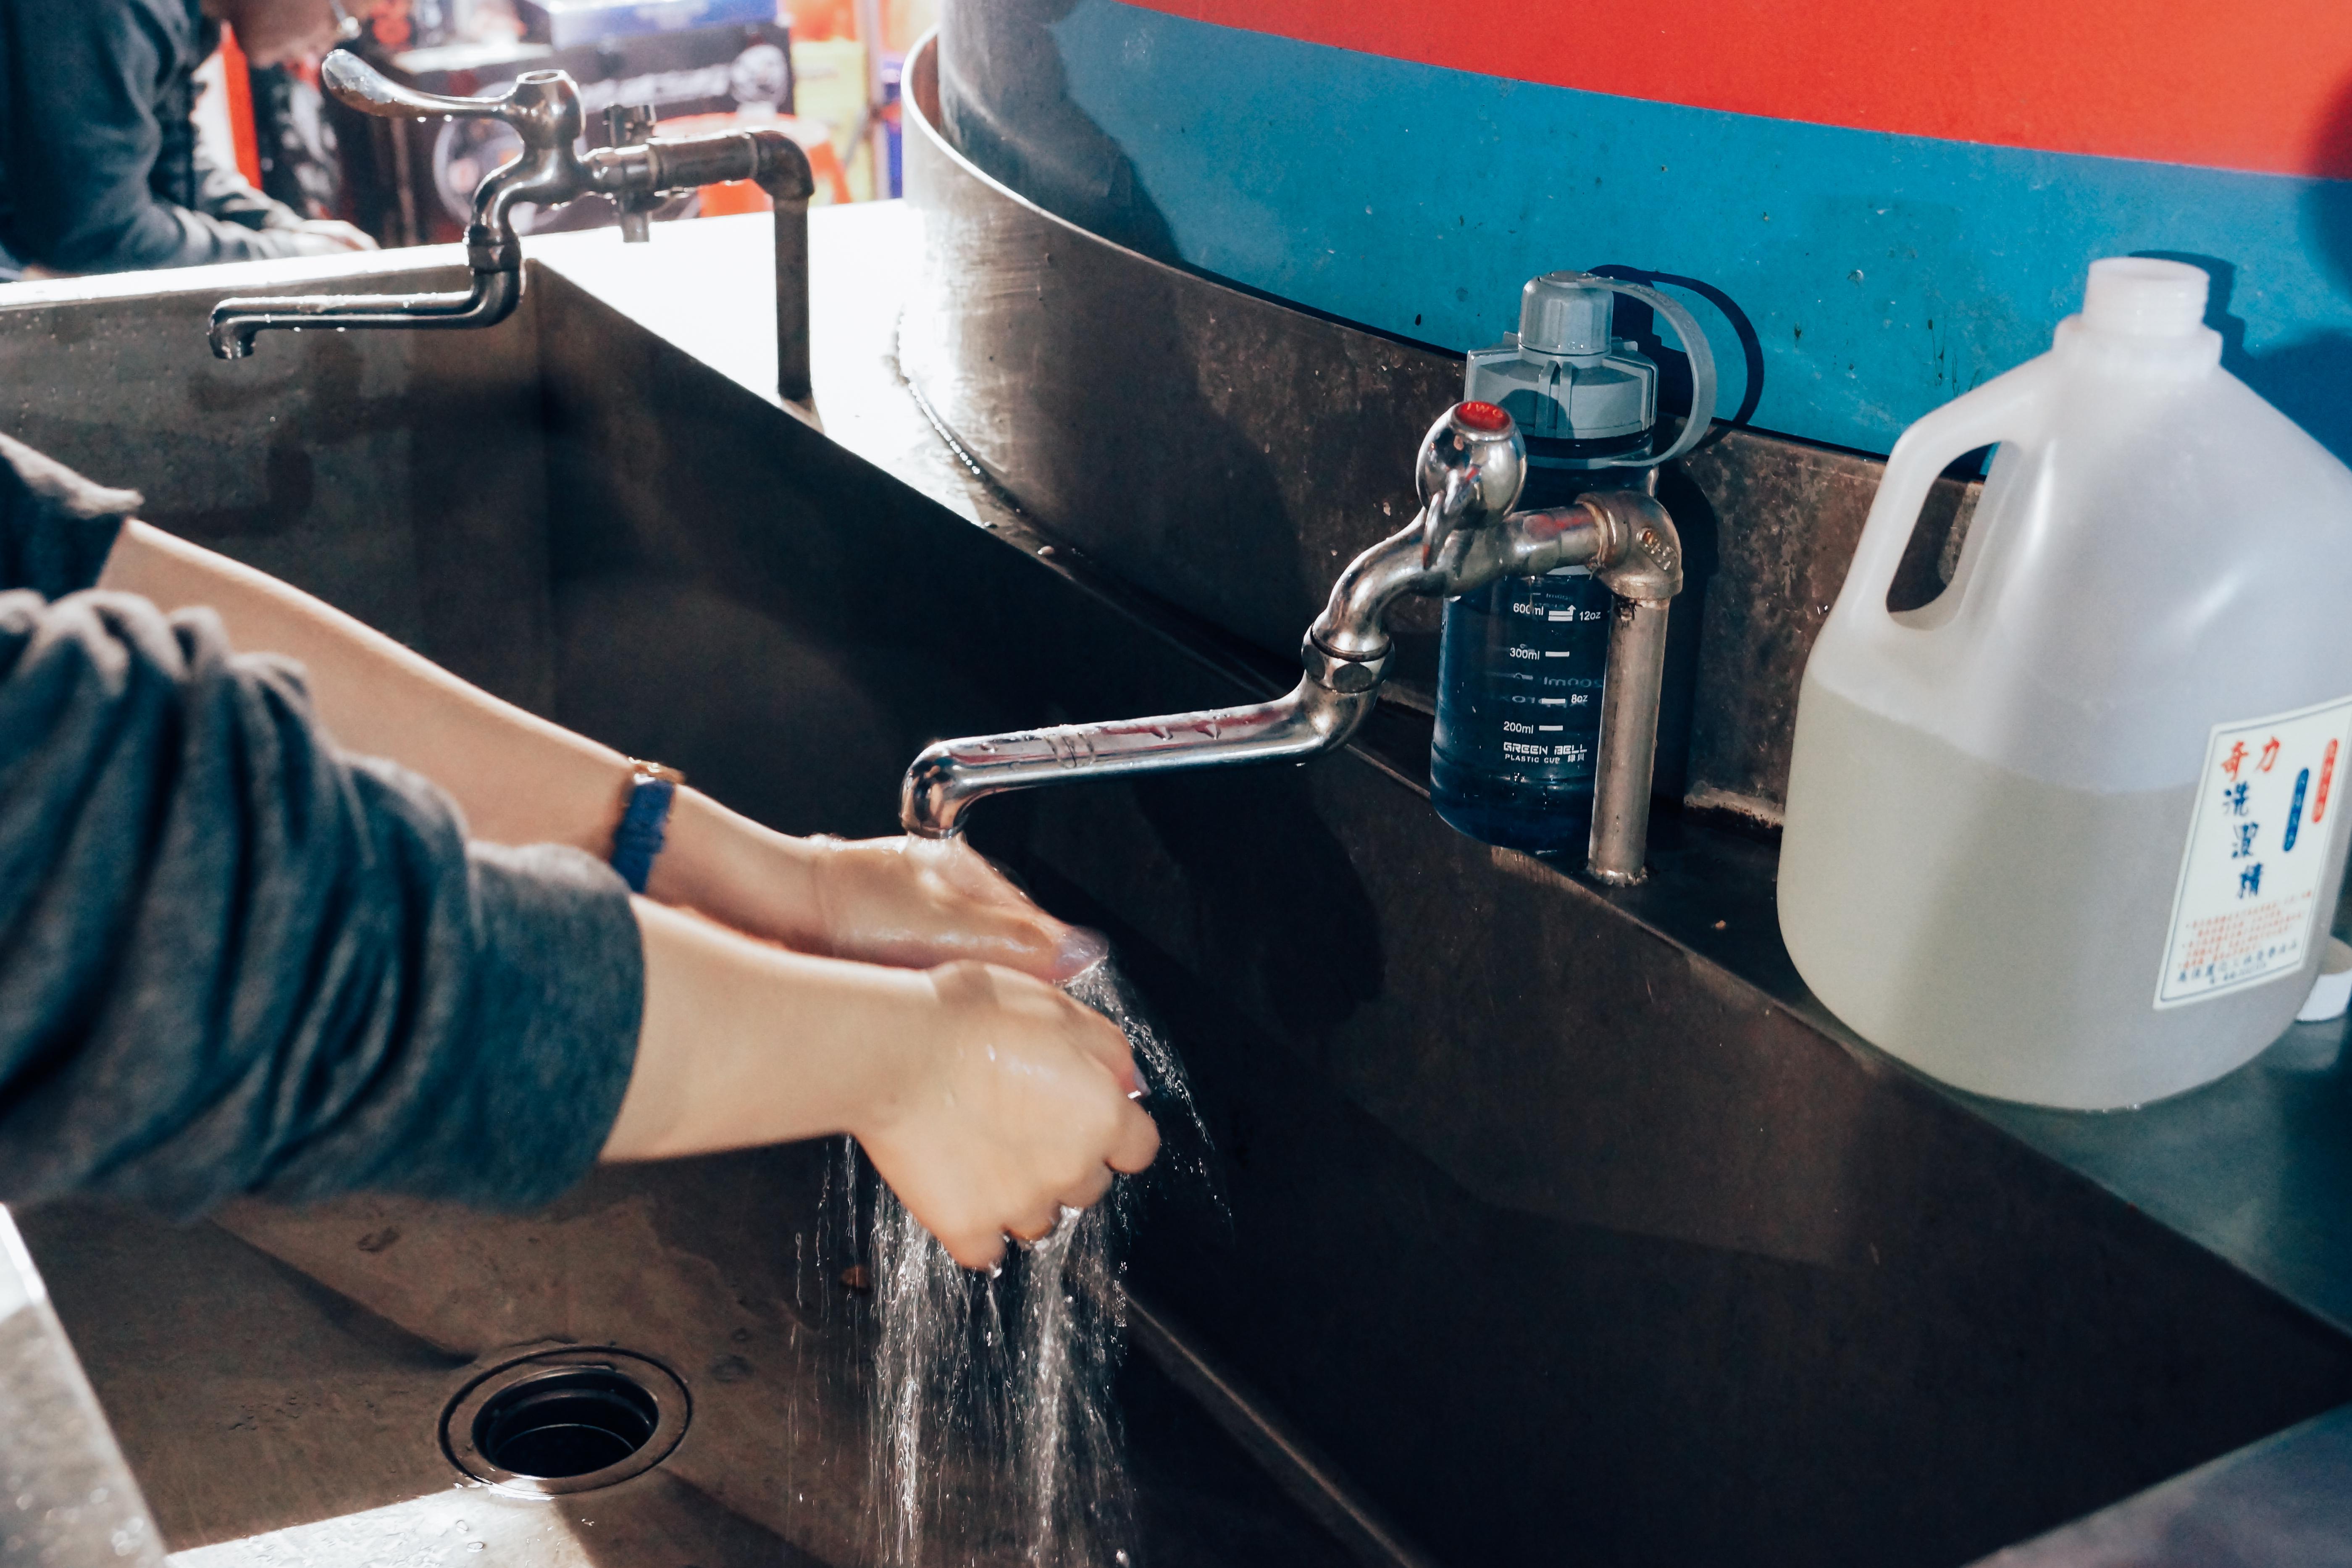 橋墩處設置洗手檯,對遊客及店家而言都十分方便。攝影/潘姿穎